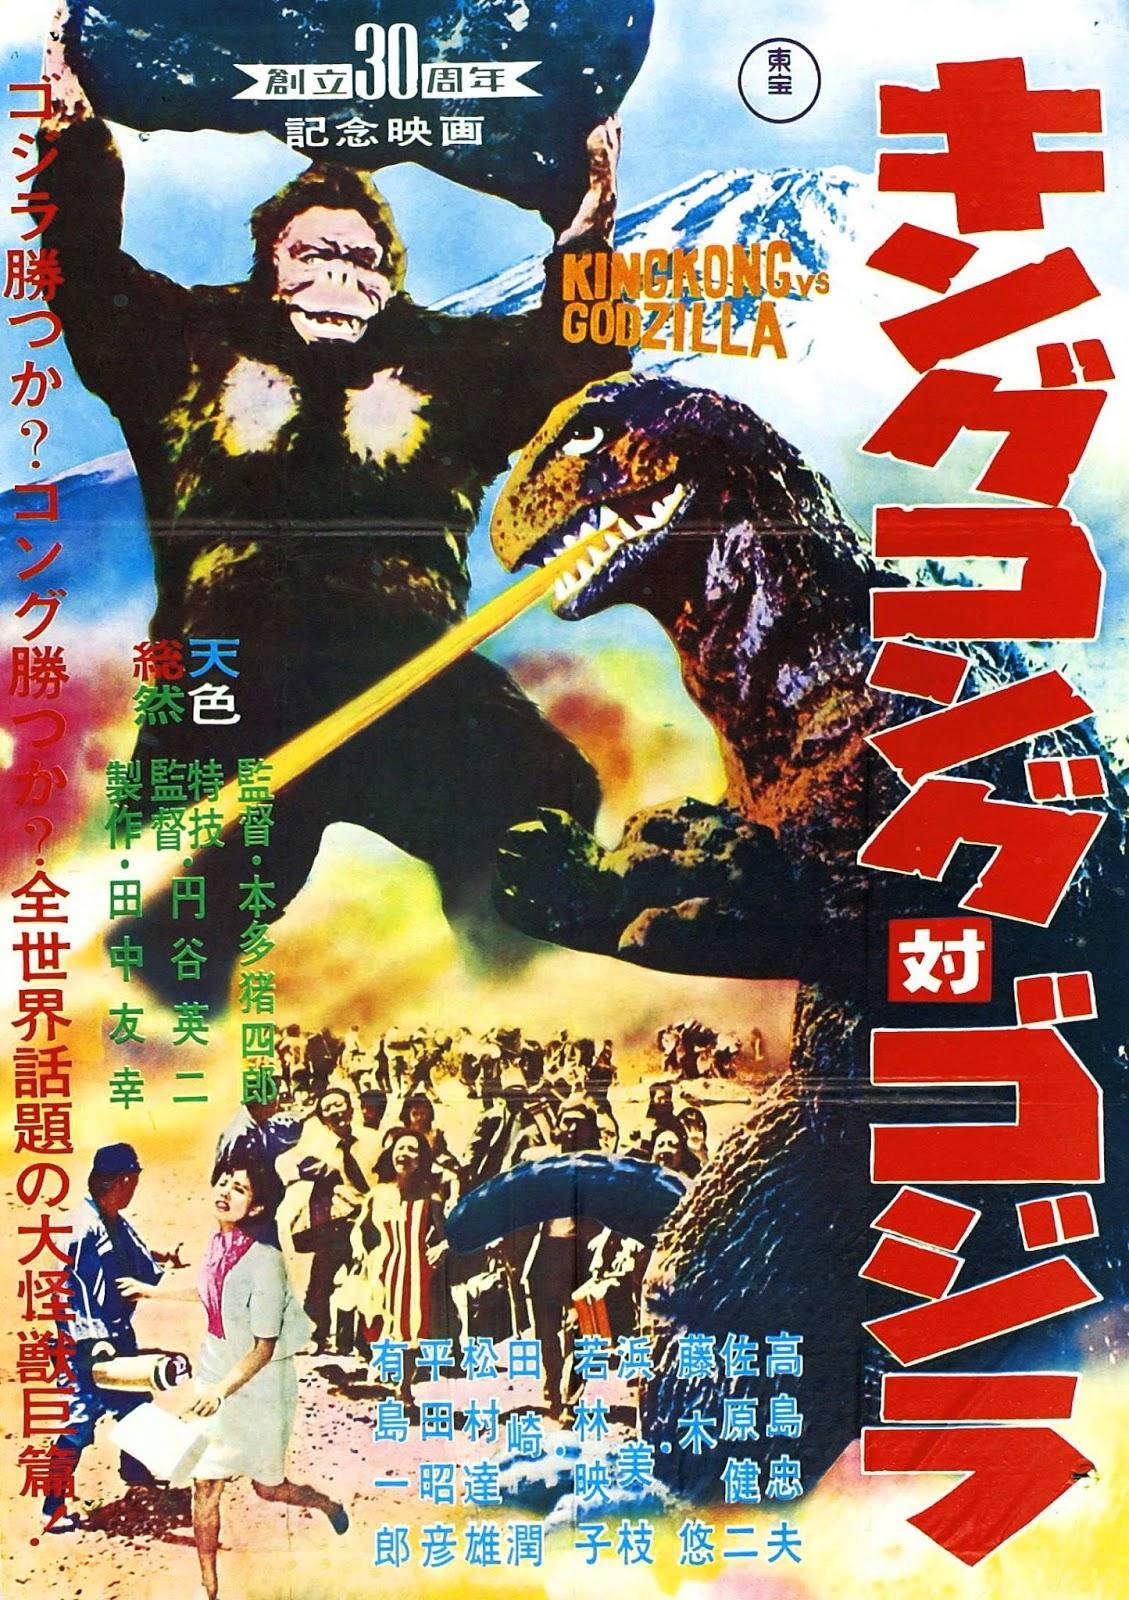 http://fr.wikipedia.org/wiki/King_Kong_contre_Godzilla